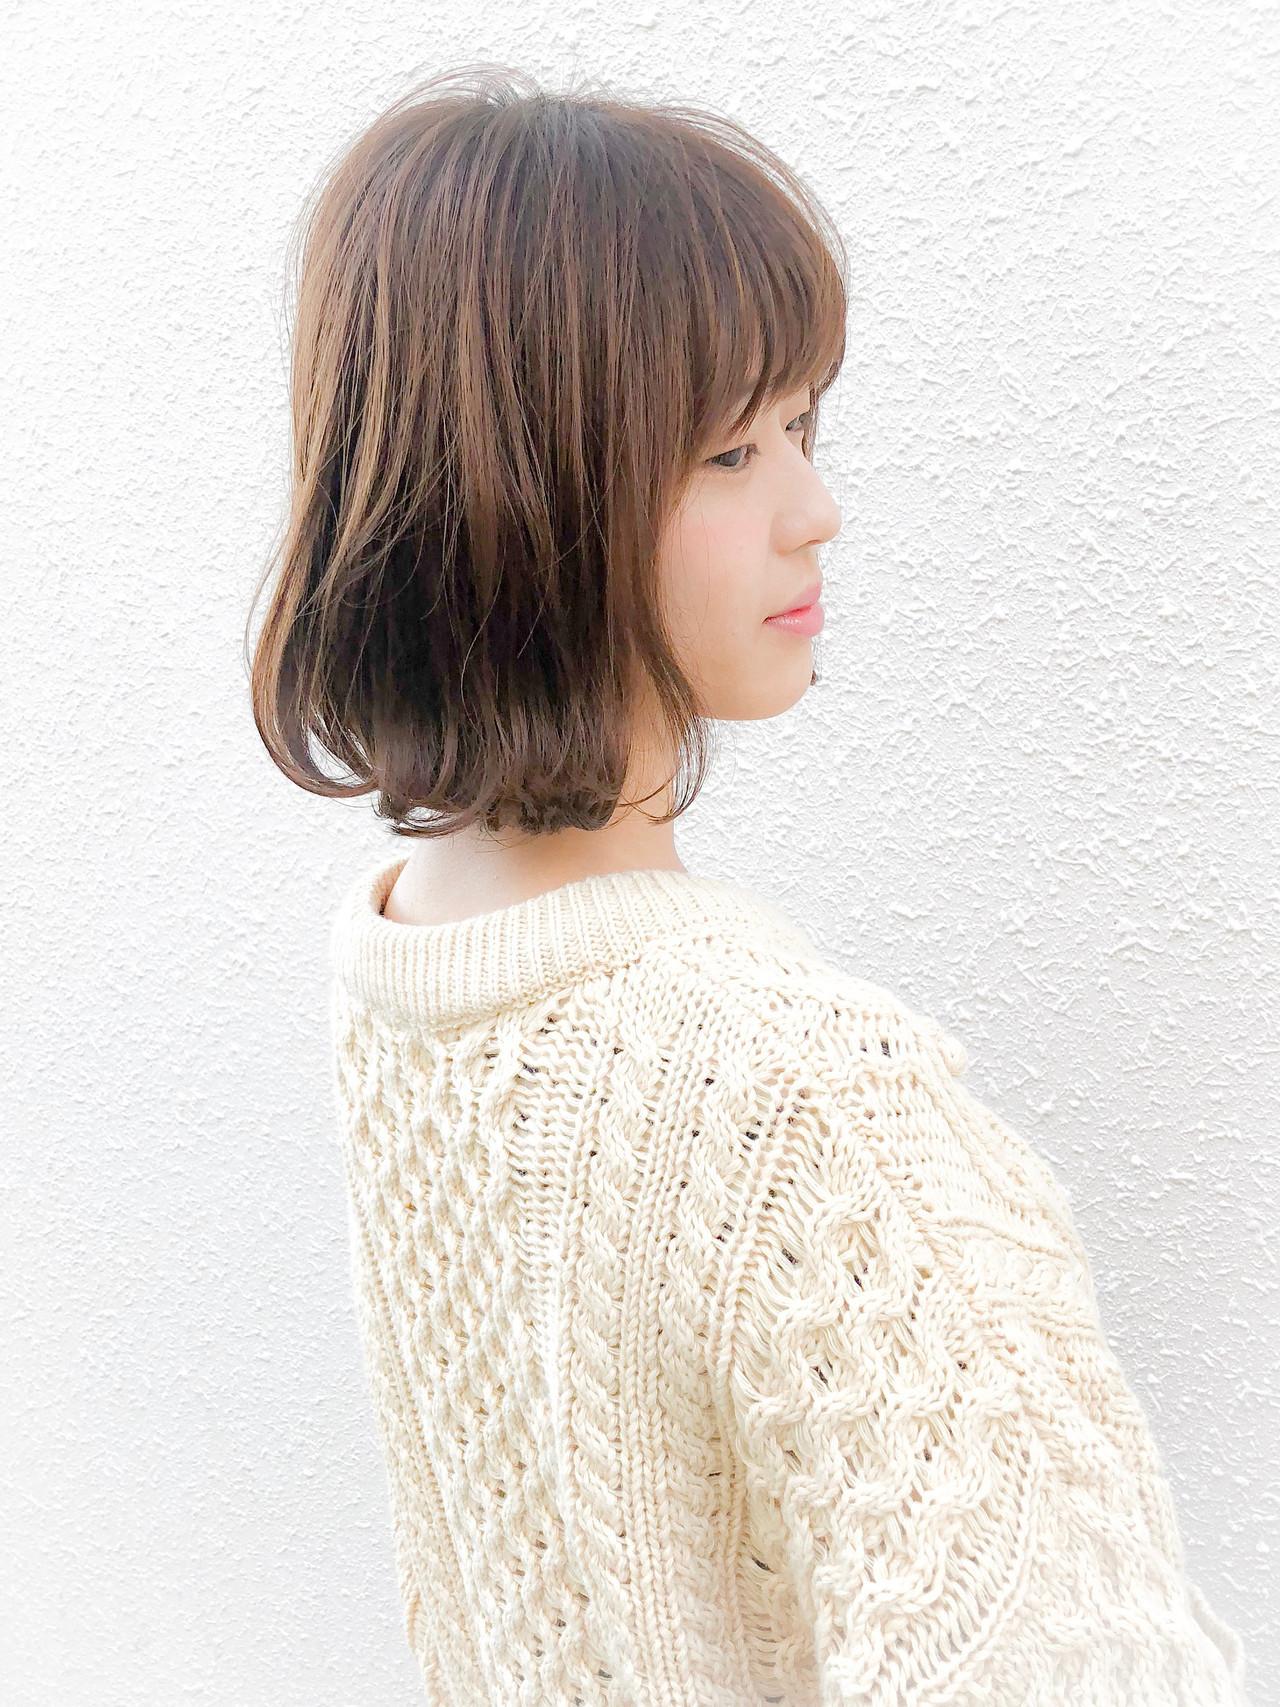 柔らか前髪で大人可愛いフェミニンボブ Kaoru_ishiga